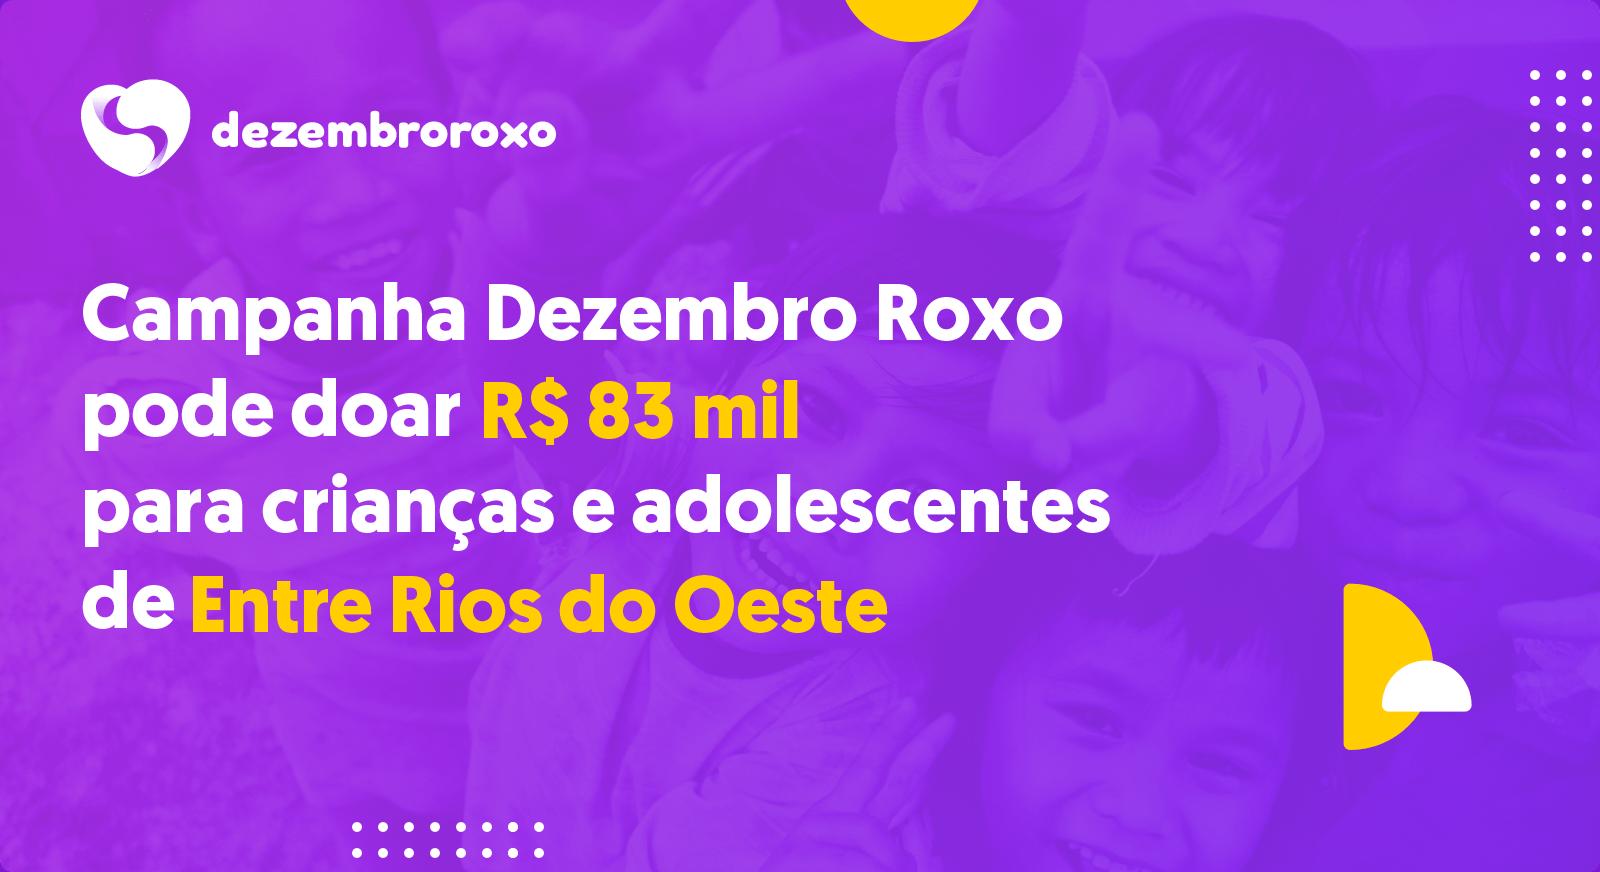 Doações em Entre Rios do Oeste - PR